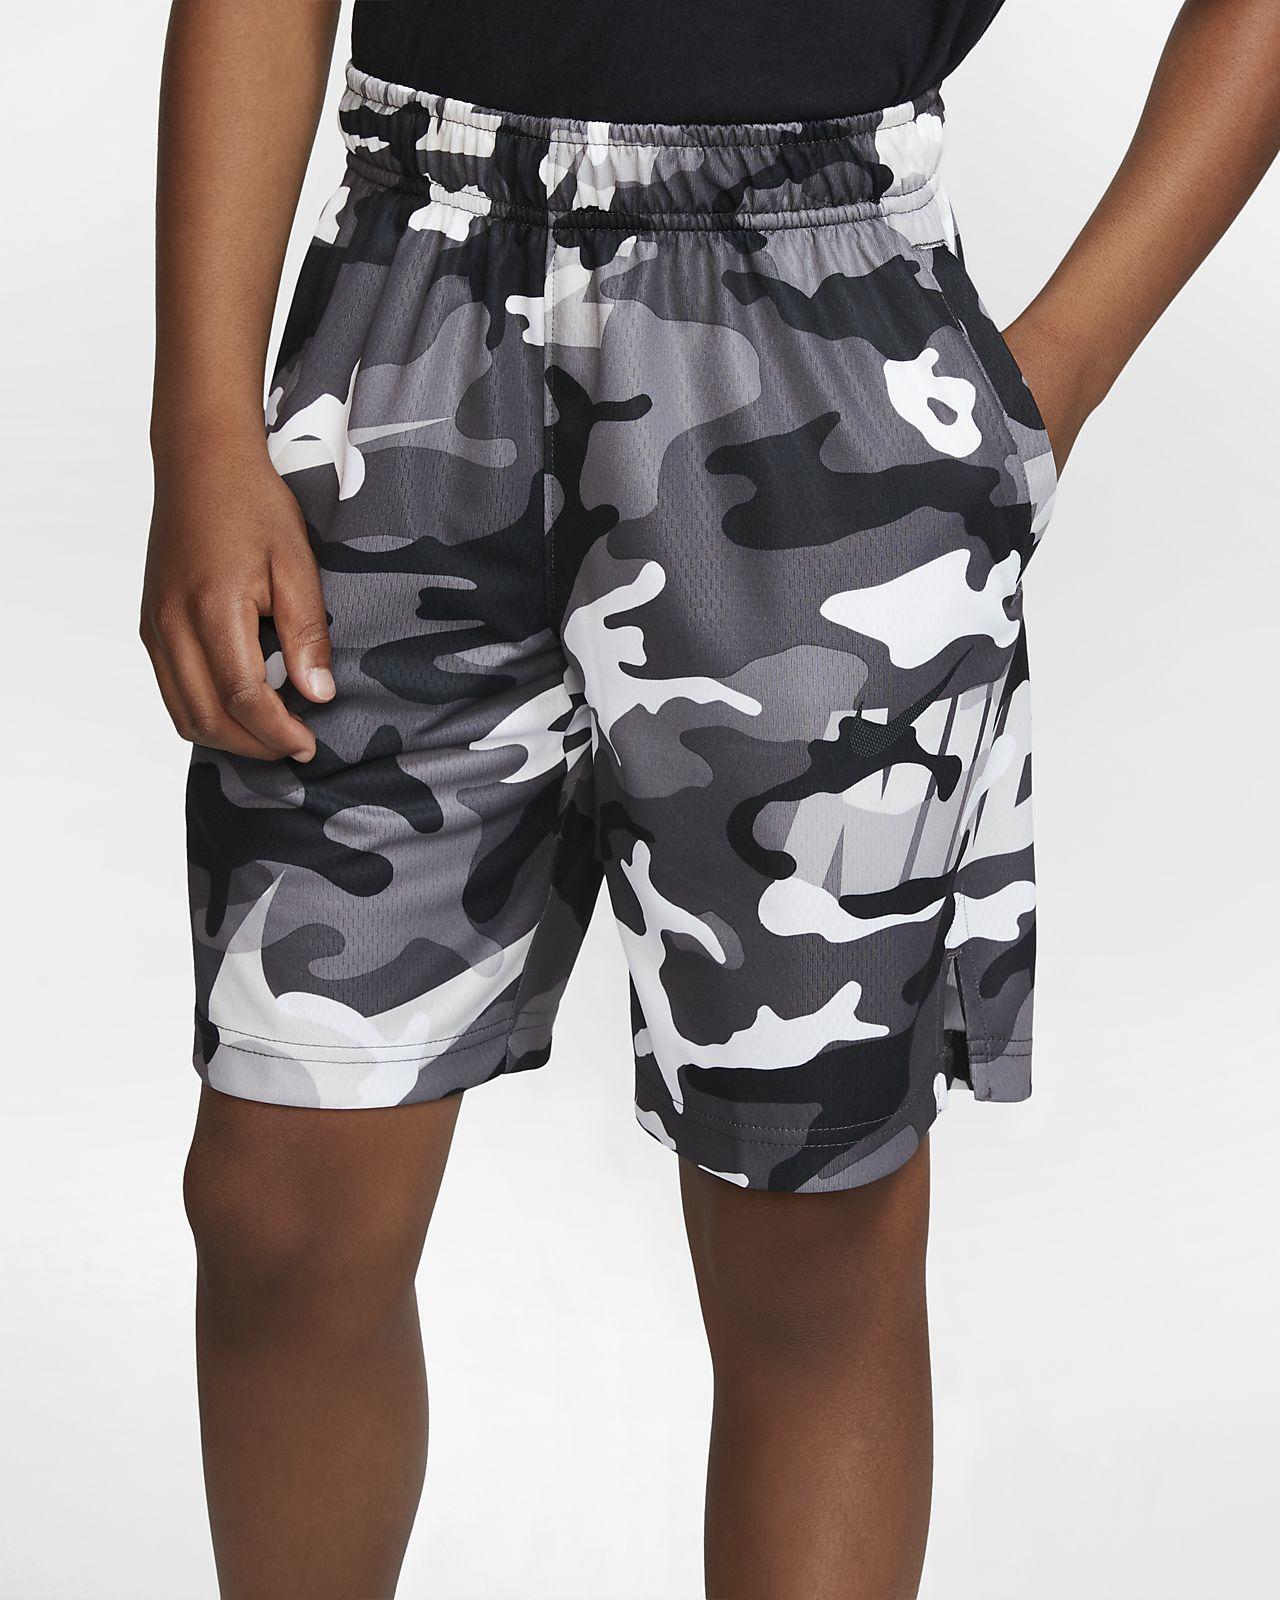 Αγορίστικο σορτς προπόνησης με μοτίβο παραλλαγής Nike Dri-FIT